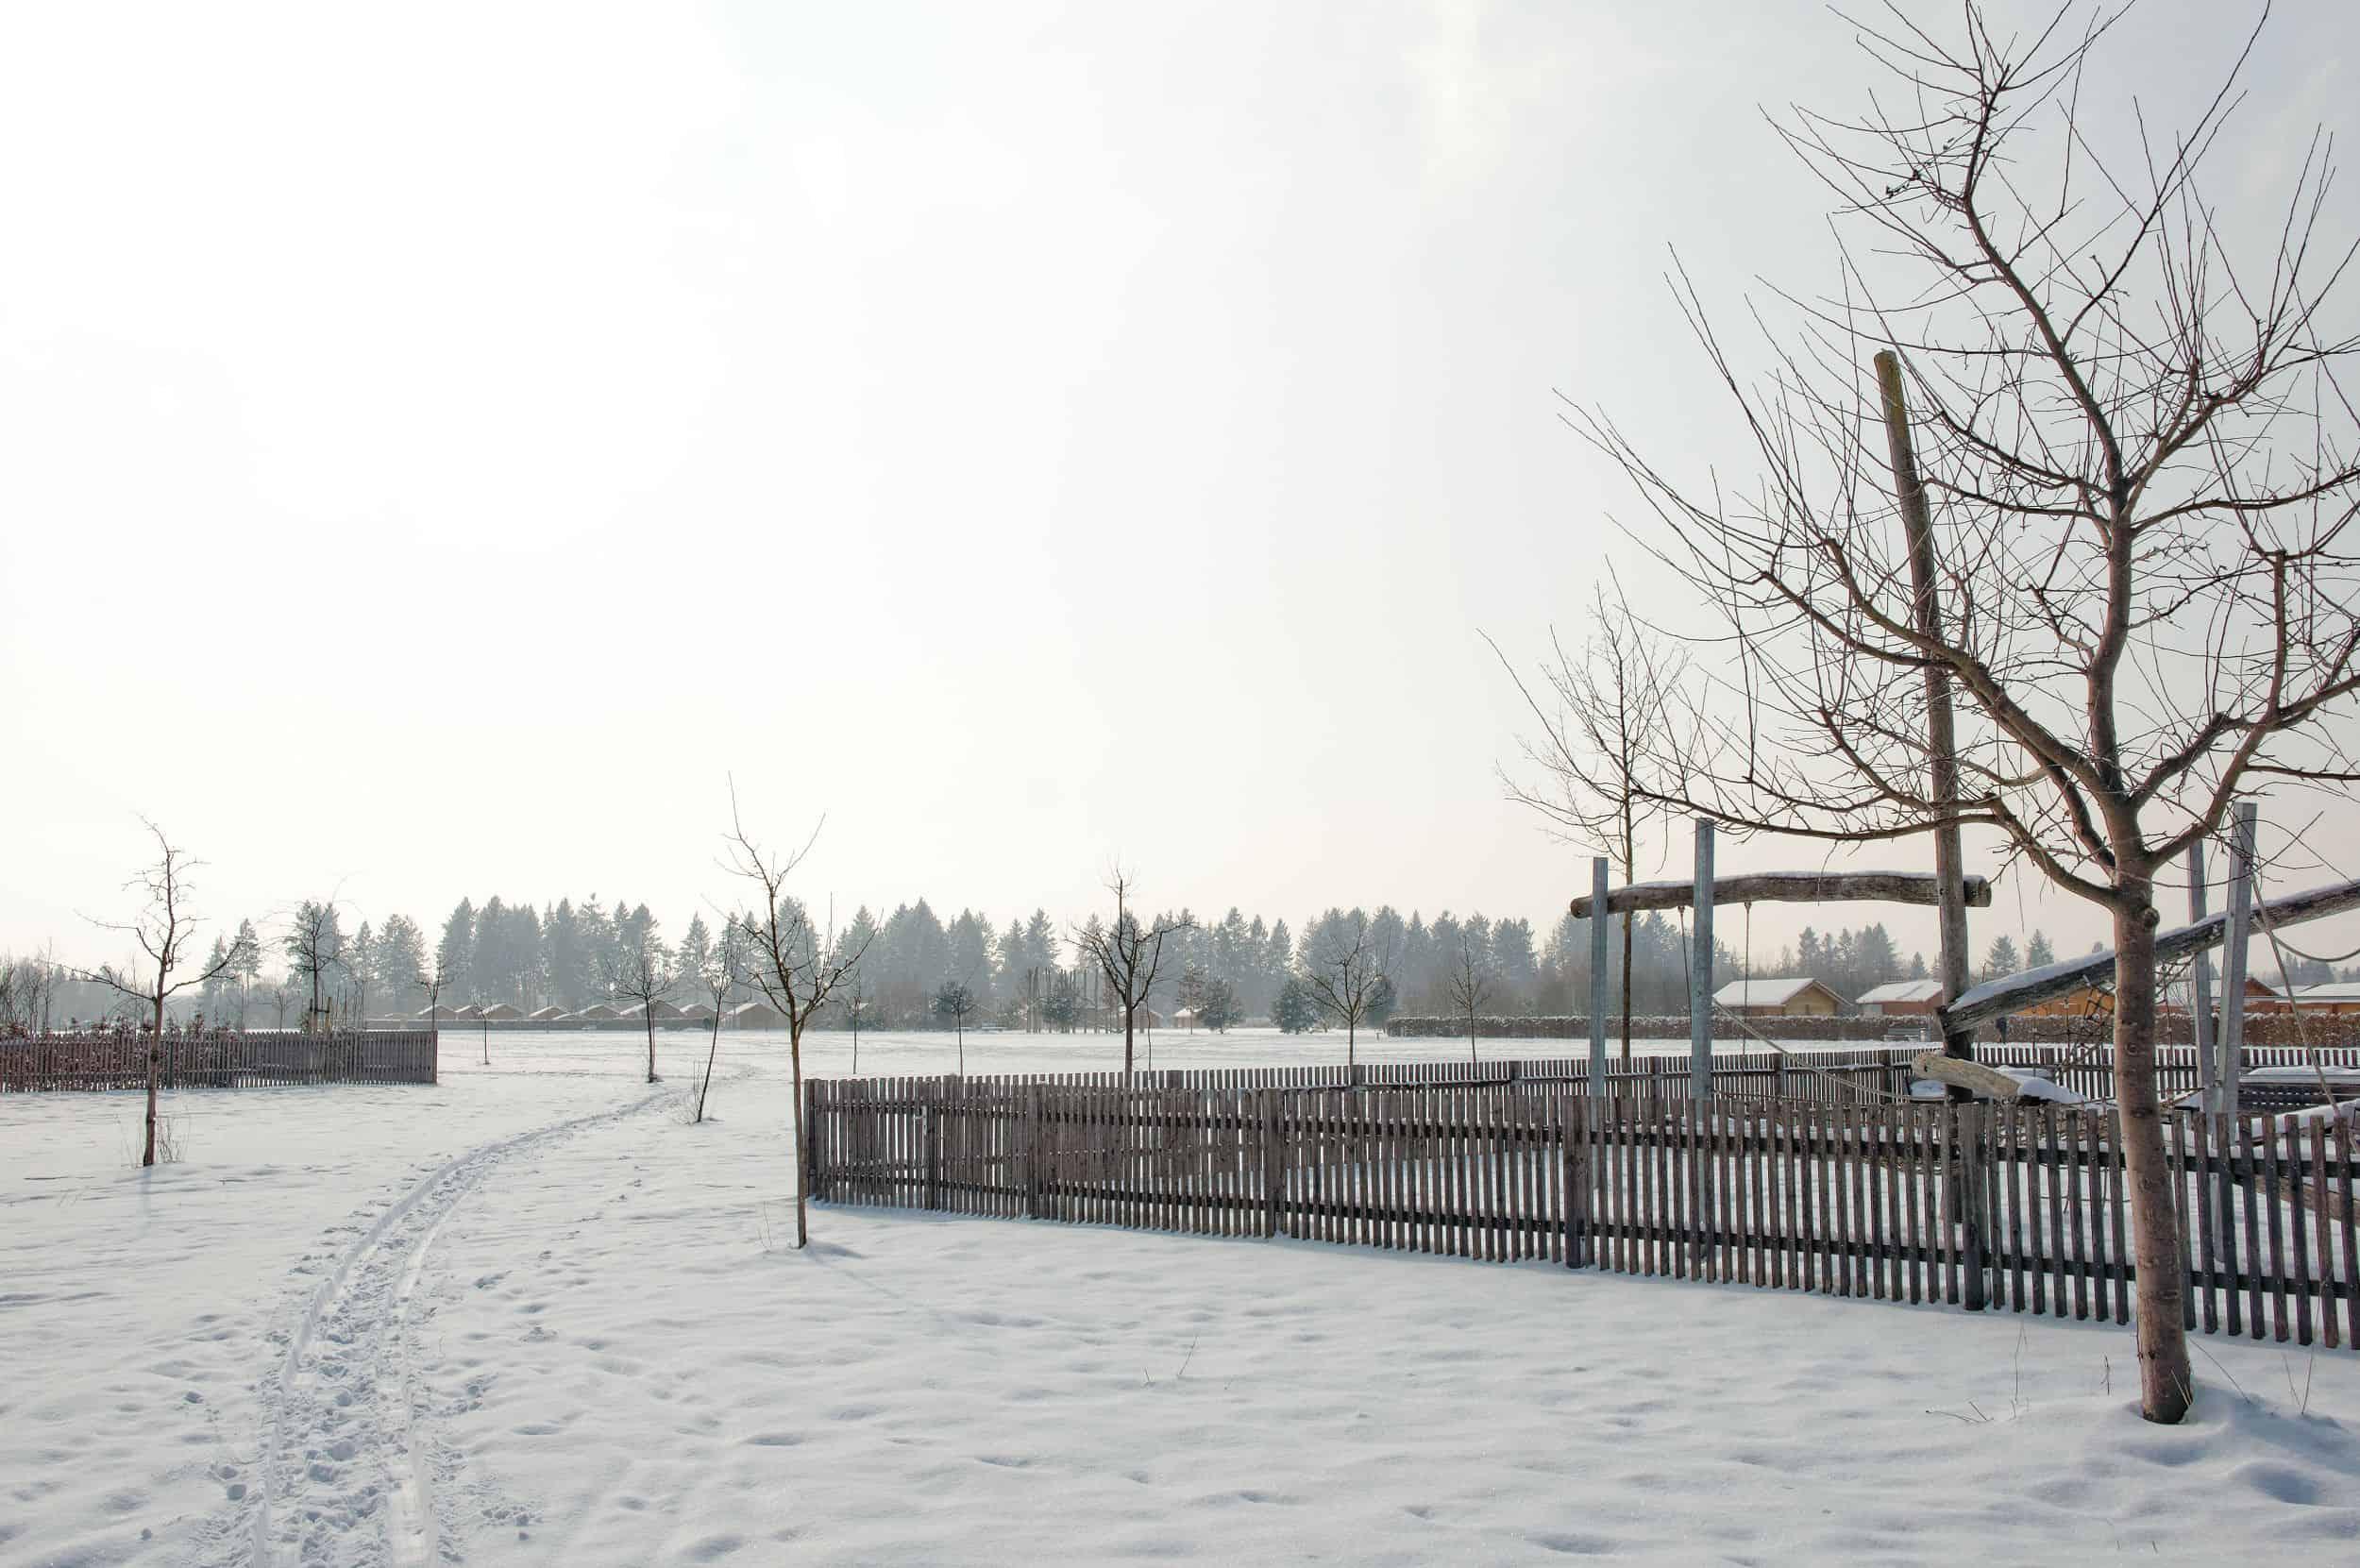 Bild: Blick über die Kleingartenanlagen in die Weite im Winter, Foto: ver.de landschaftsarchitektur